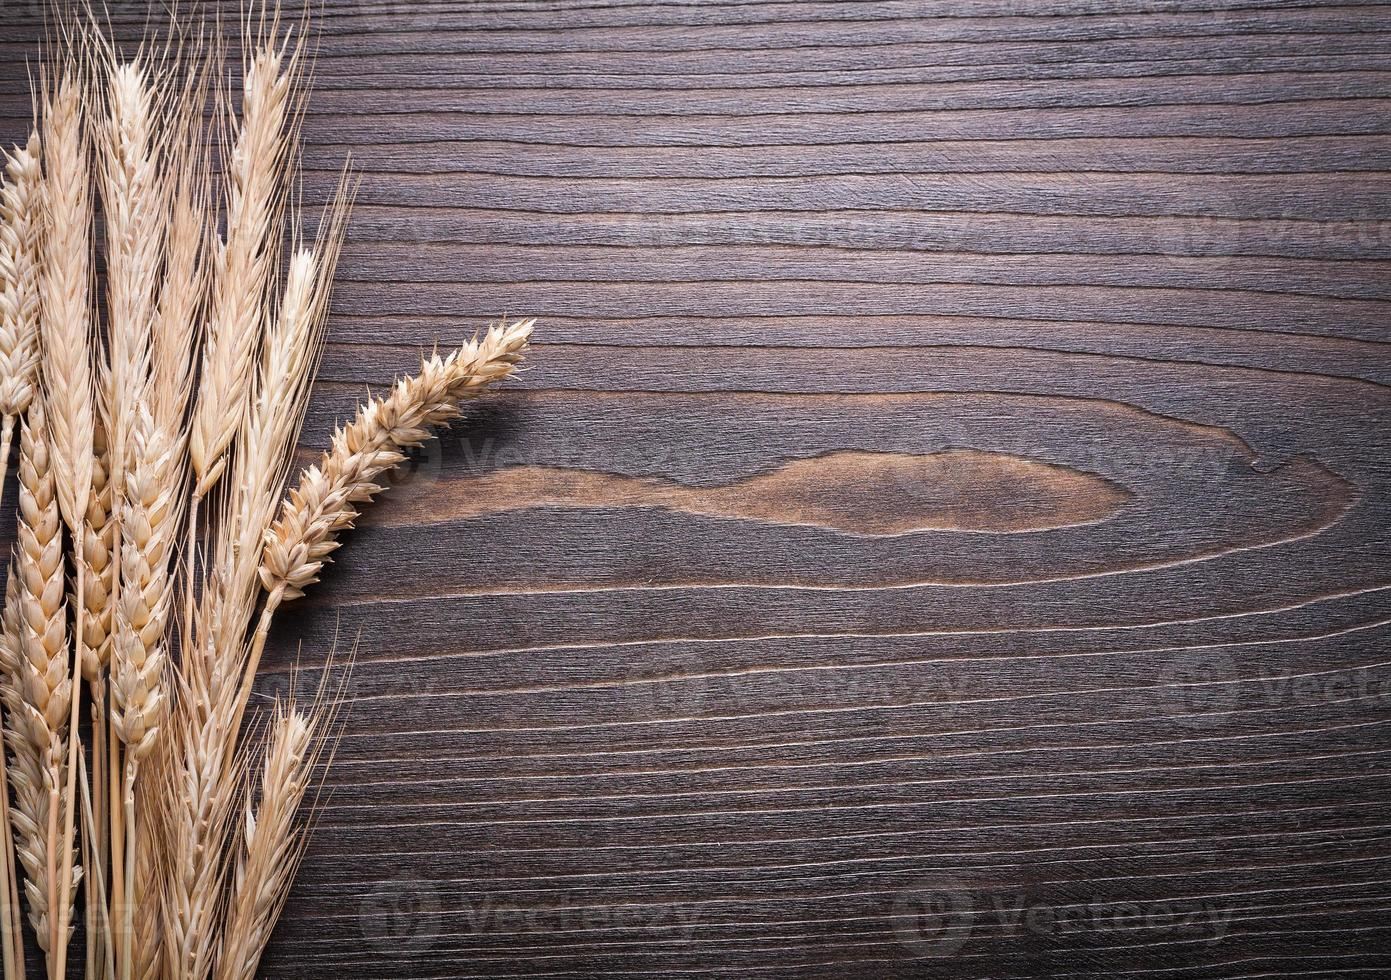 kopieer ruimte afbeelding van tarwe rogge oren op houten achtergrond foto